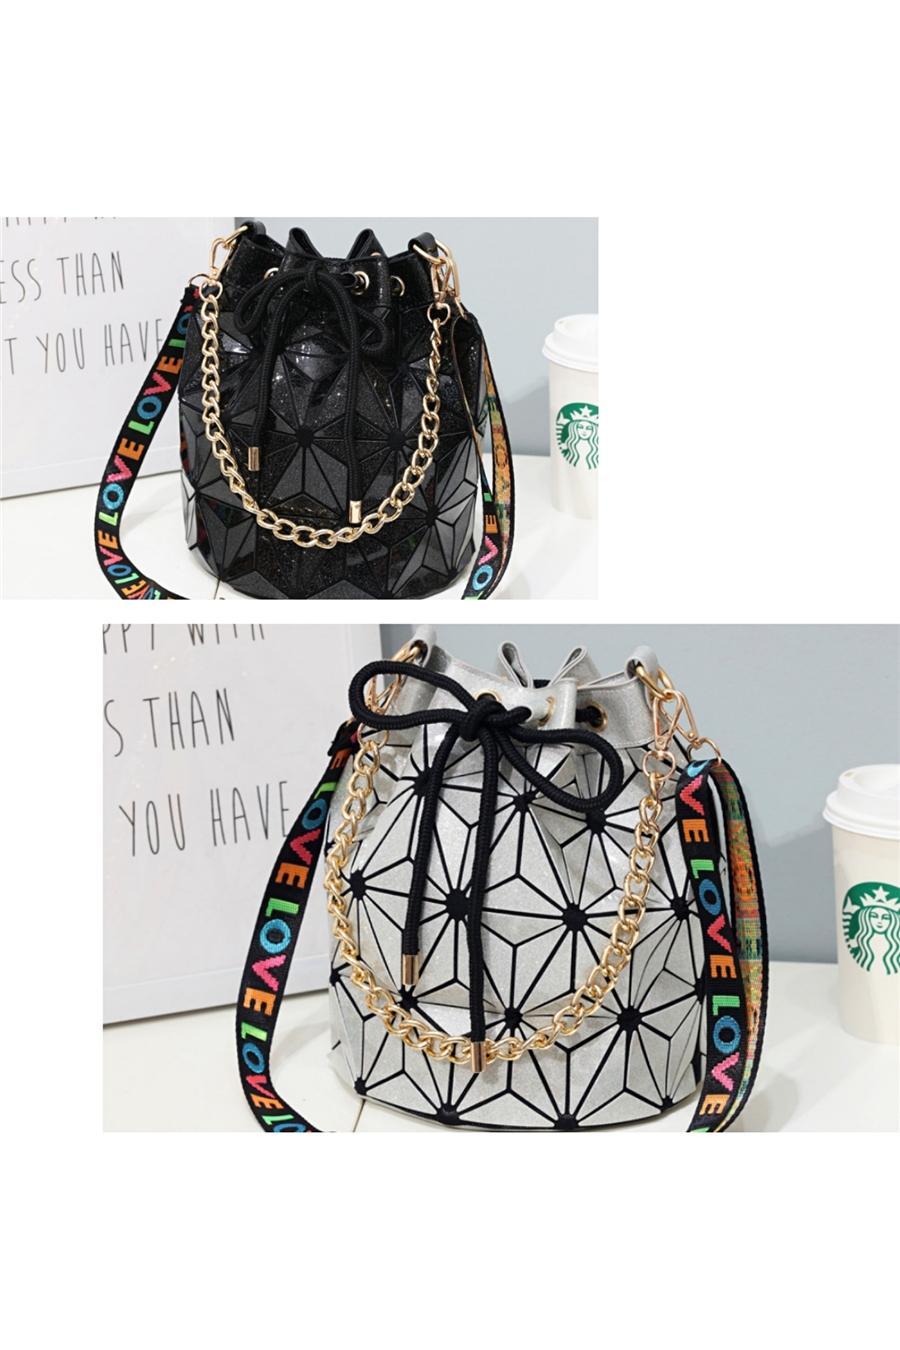 Modo delle signore europea Saddle Bag 2020 nuova qualità PU donna in pelle di design Shoulder Bag Sciarpa Catena Messenger Bags # 640